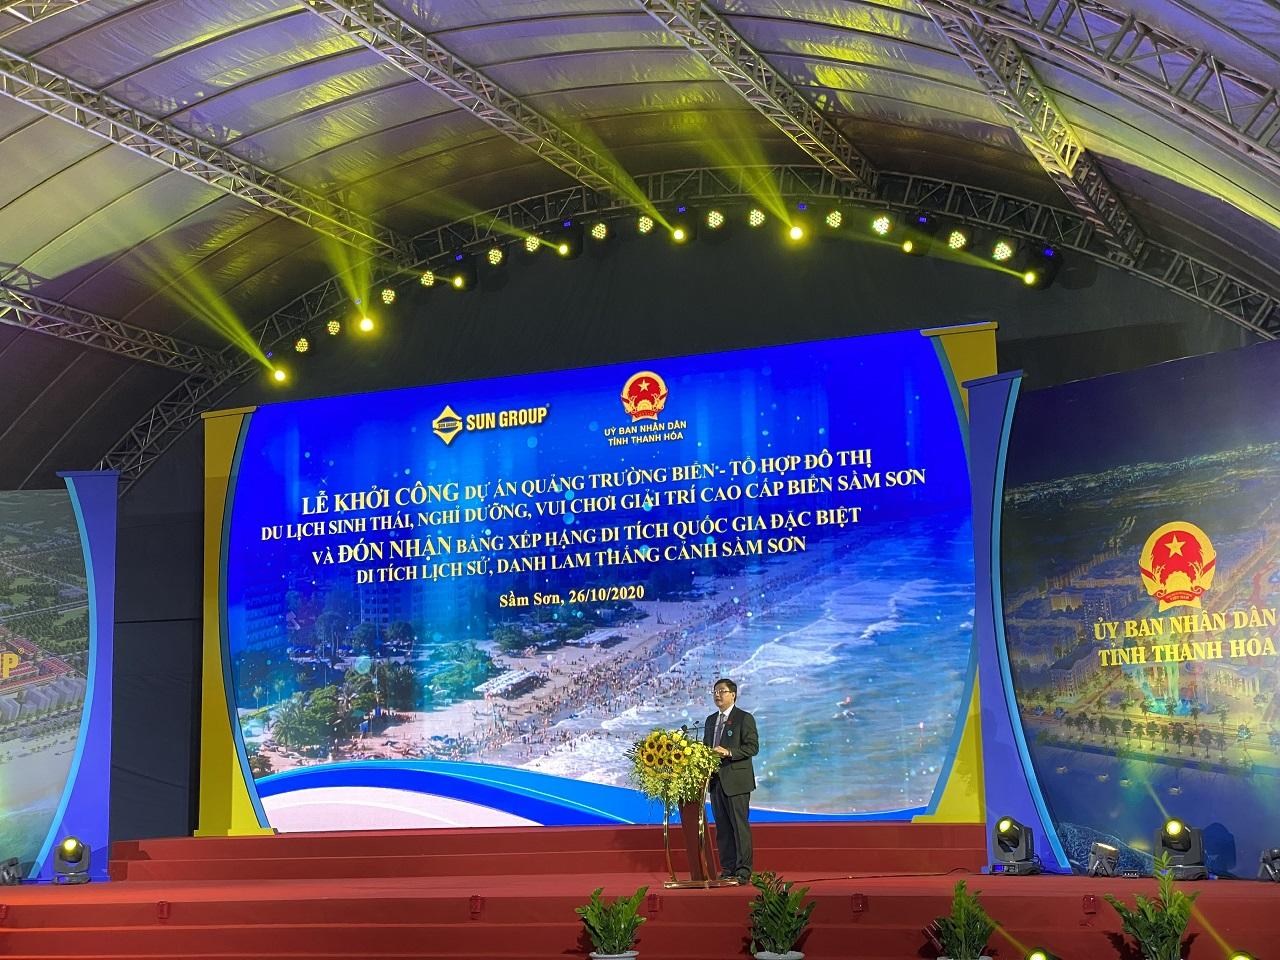 Sun Group khởi công dự án quảng trường biển và tổ hợp đô thị du lịch sinh thái, nghỉ dưỡng, vui chơi giải trí Sầm Sơn hơn 1 tỷ USD 3